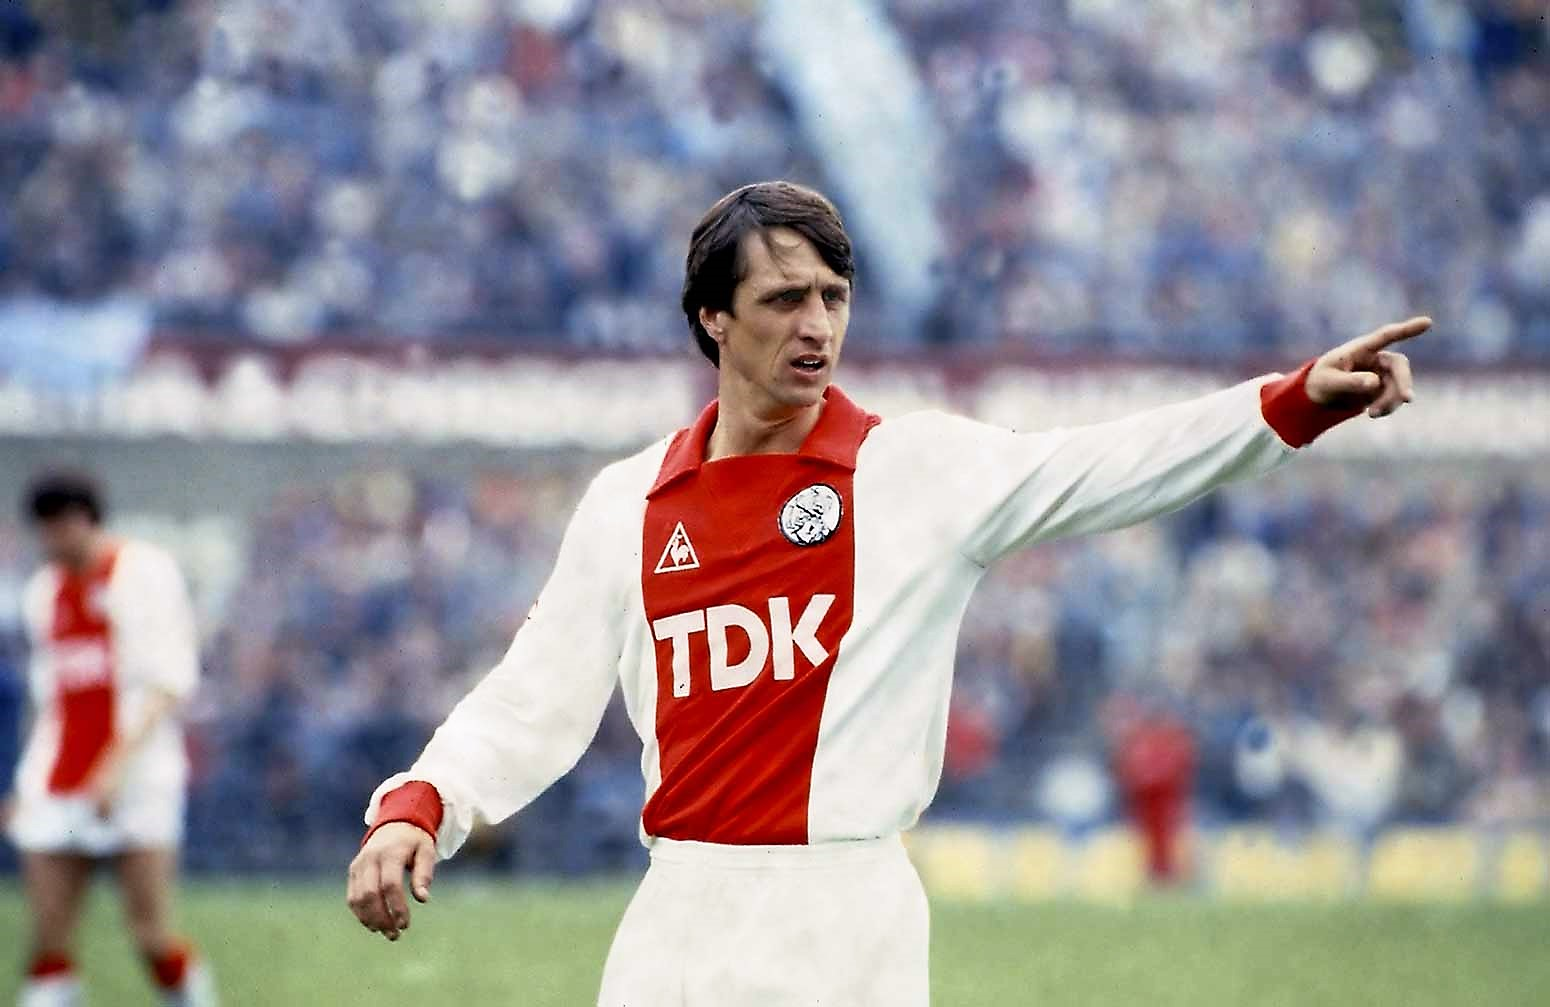 Champions: sorteggio dice Ajax, Juve insegue il sogno